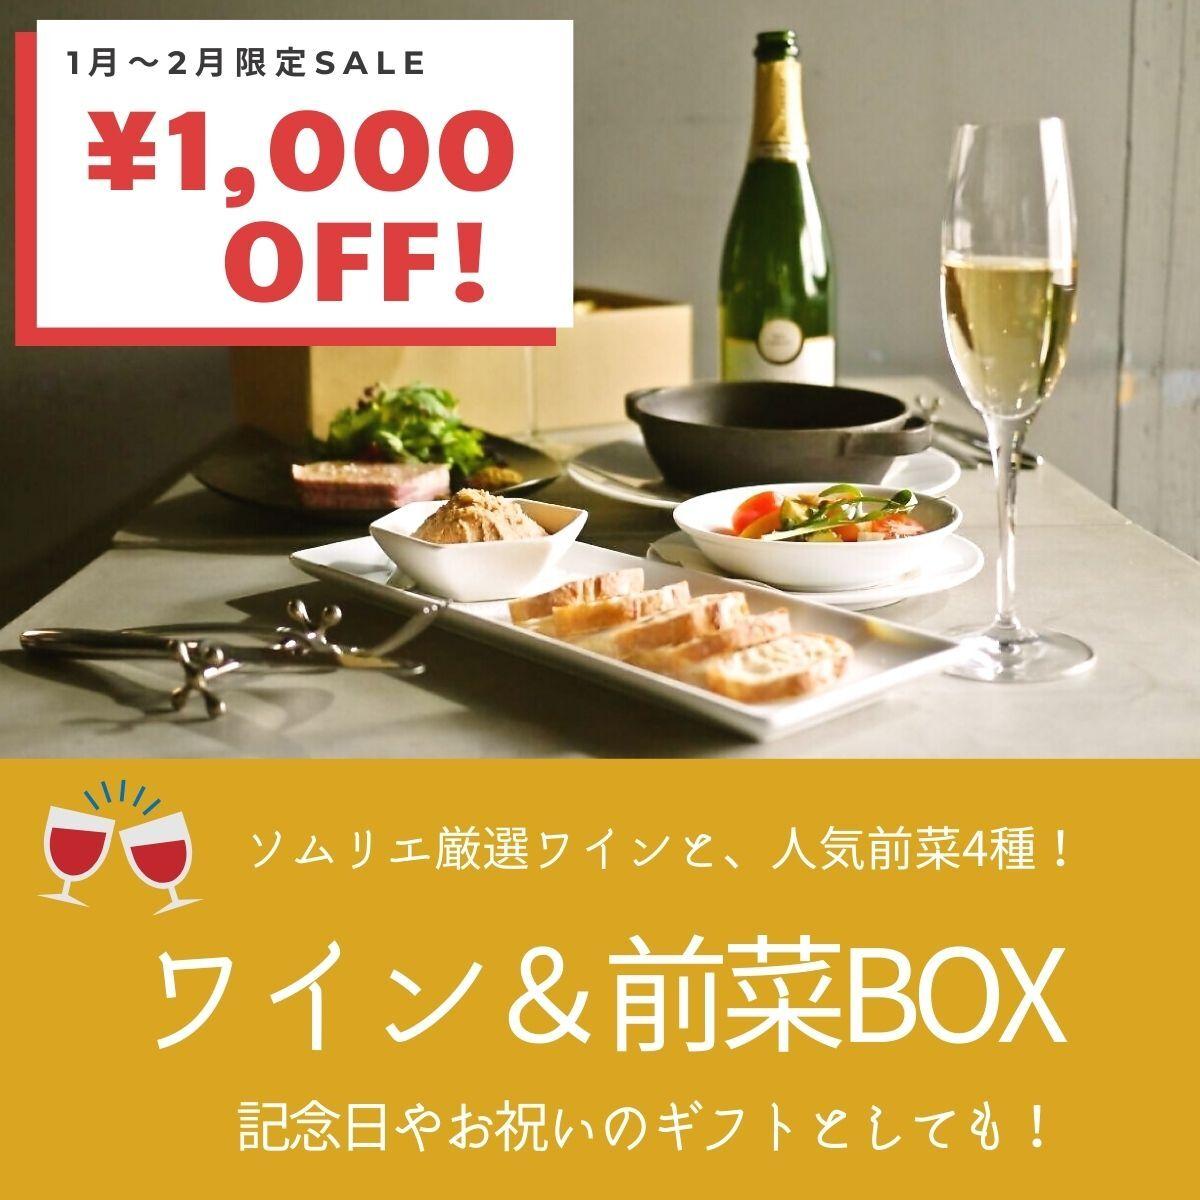 酒販免許取得記念!1月~2月限定!ソムリエ厳選スパークリングと人気の前菜セットBOX